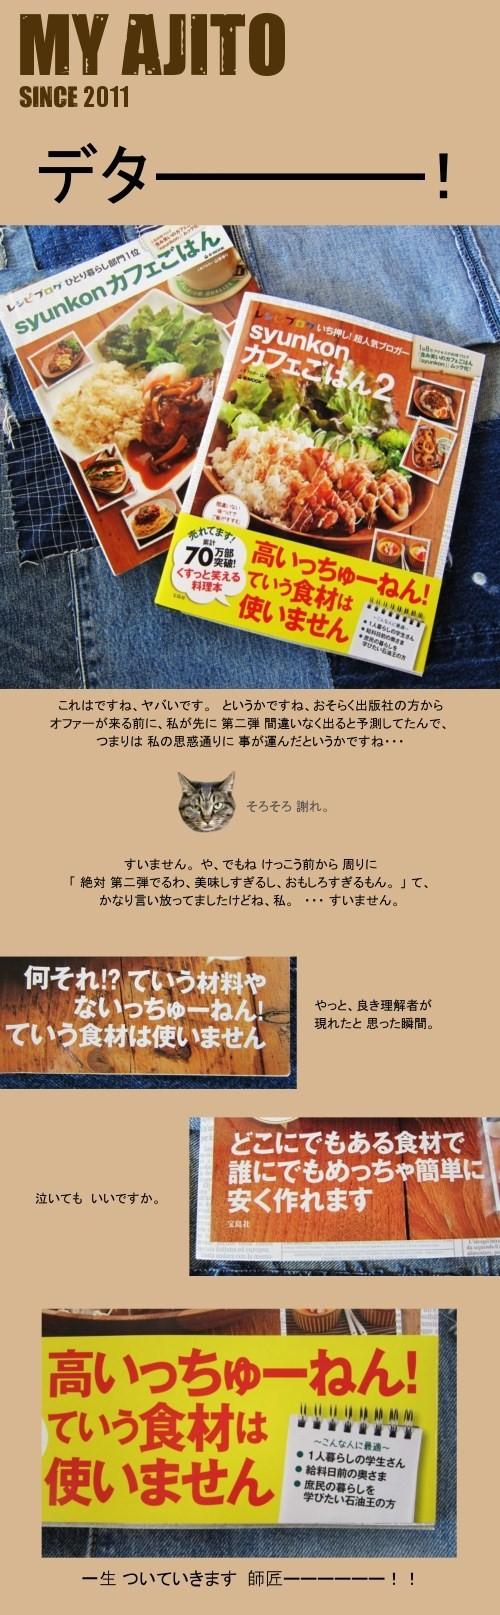 syunkon2_2.jpg